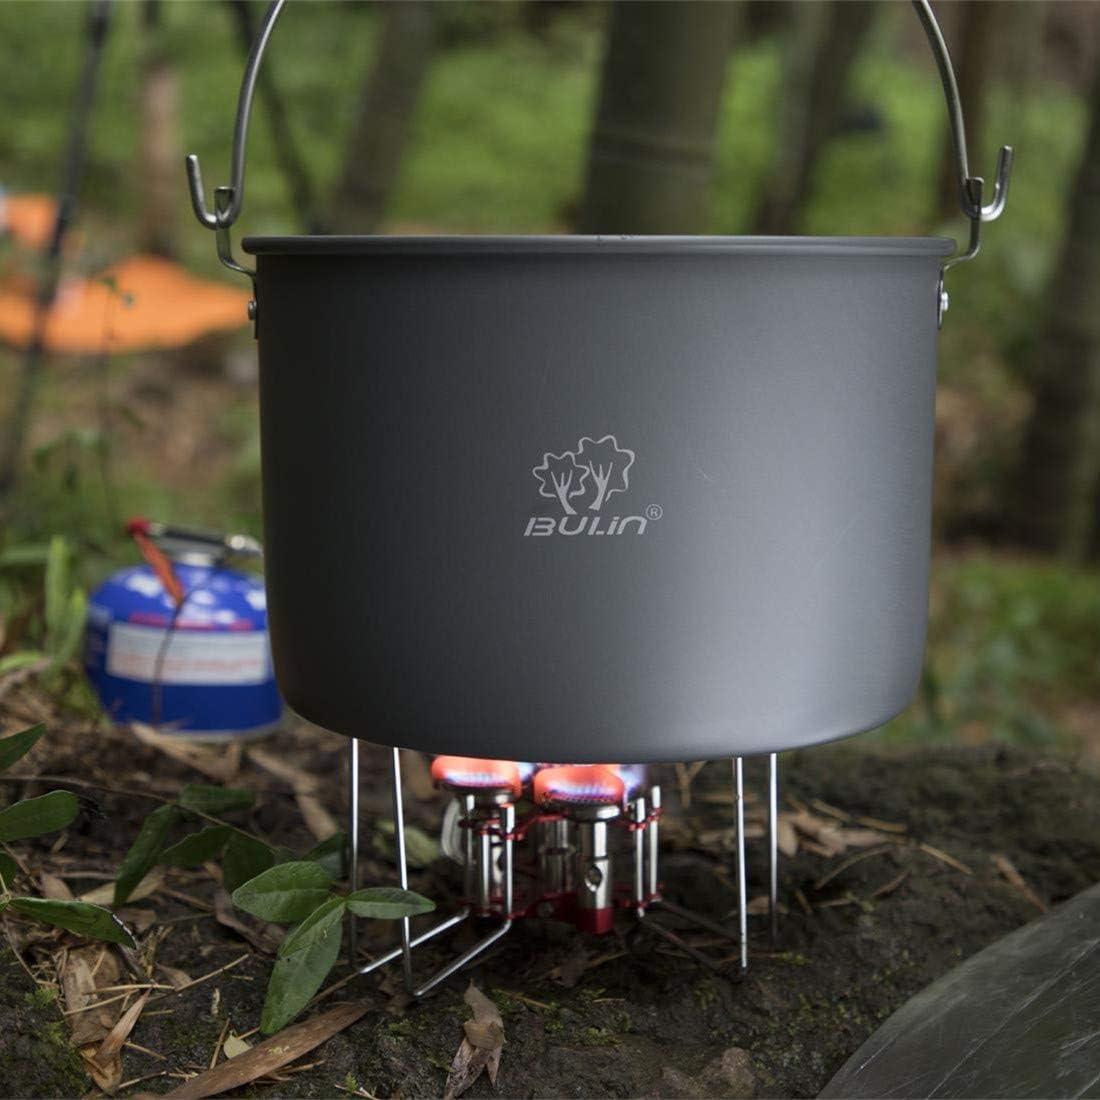 Bulin - Hornillo de Gas Plegable, hornillo de Gas para Camping, Trekking, pícnic, Exterior, 5800 W, 3500 W y 3200 W